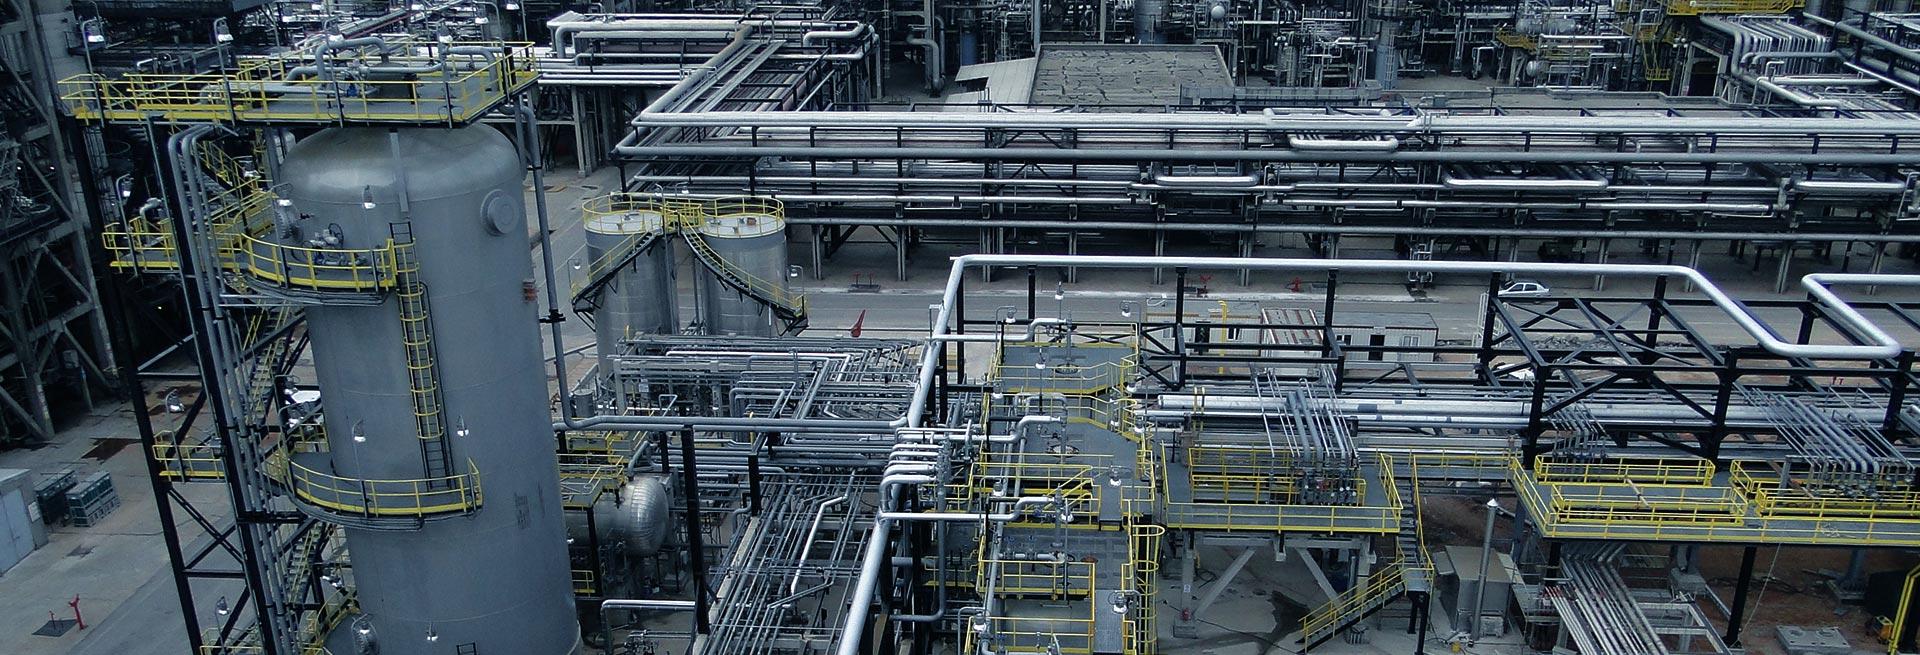 Endüstriyel Yapılar Tasarlıyoruz